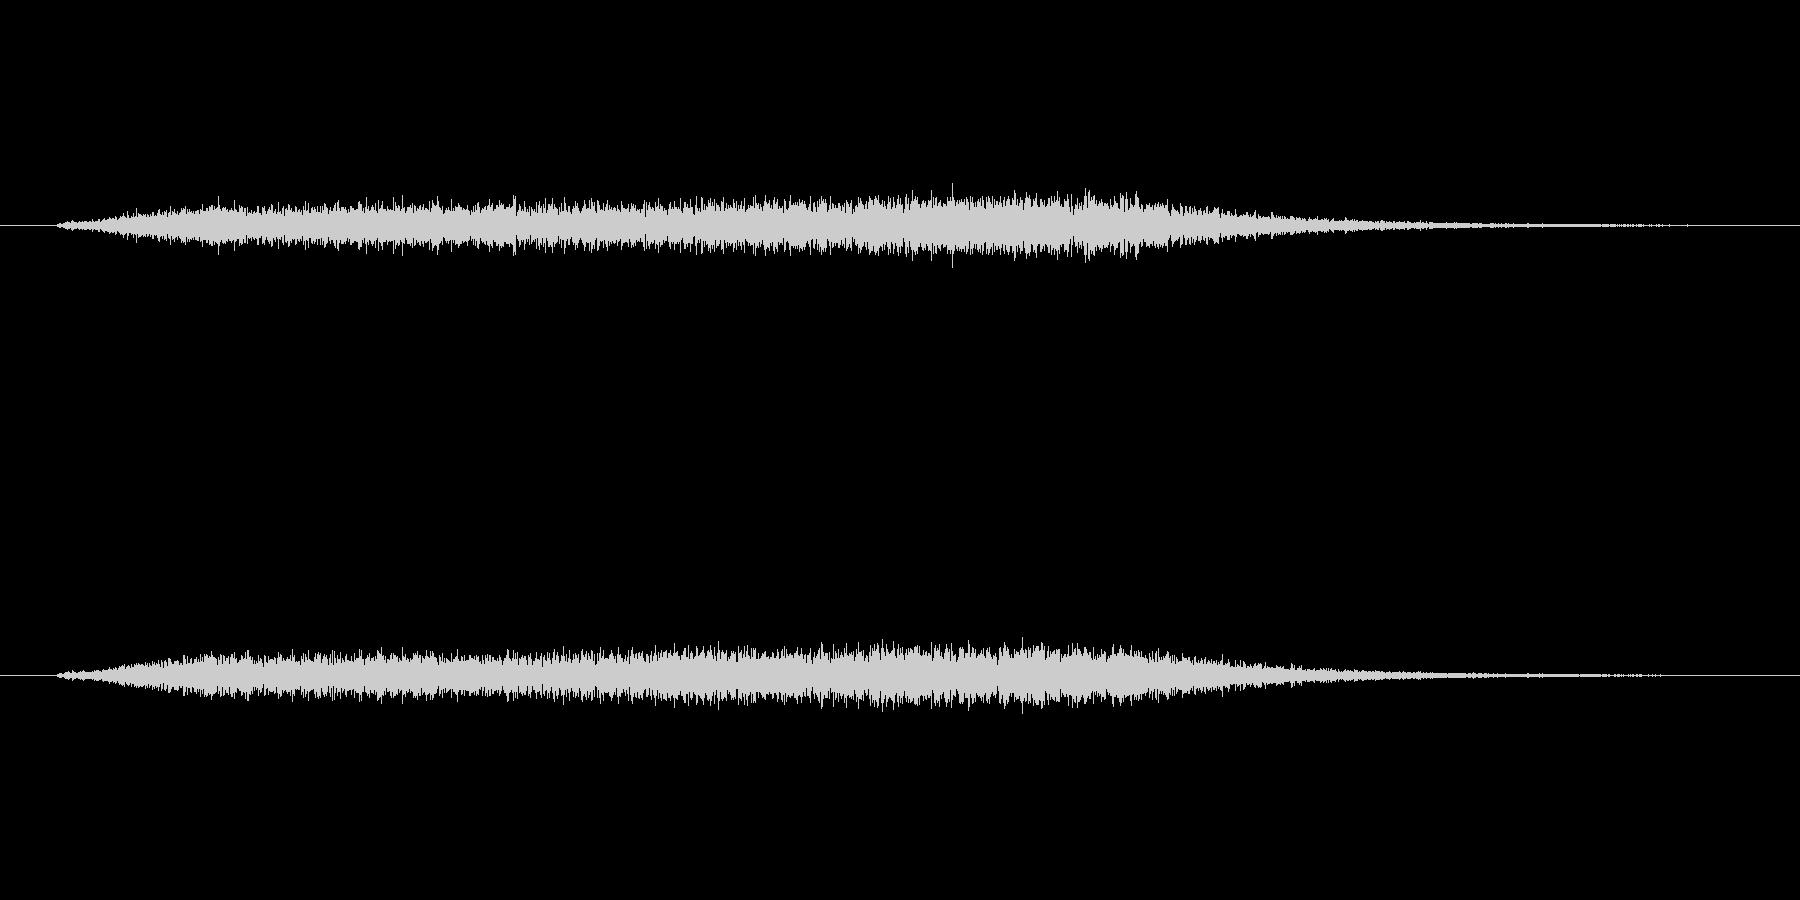 高めのほわーんとしたノイズです。の未再生の波形